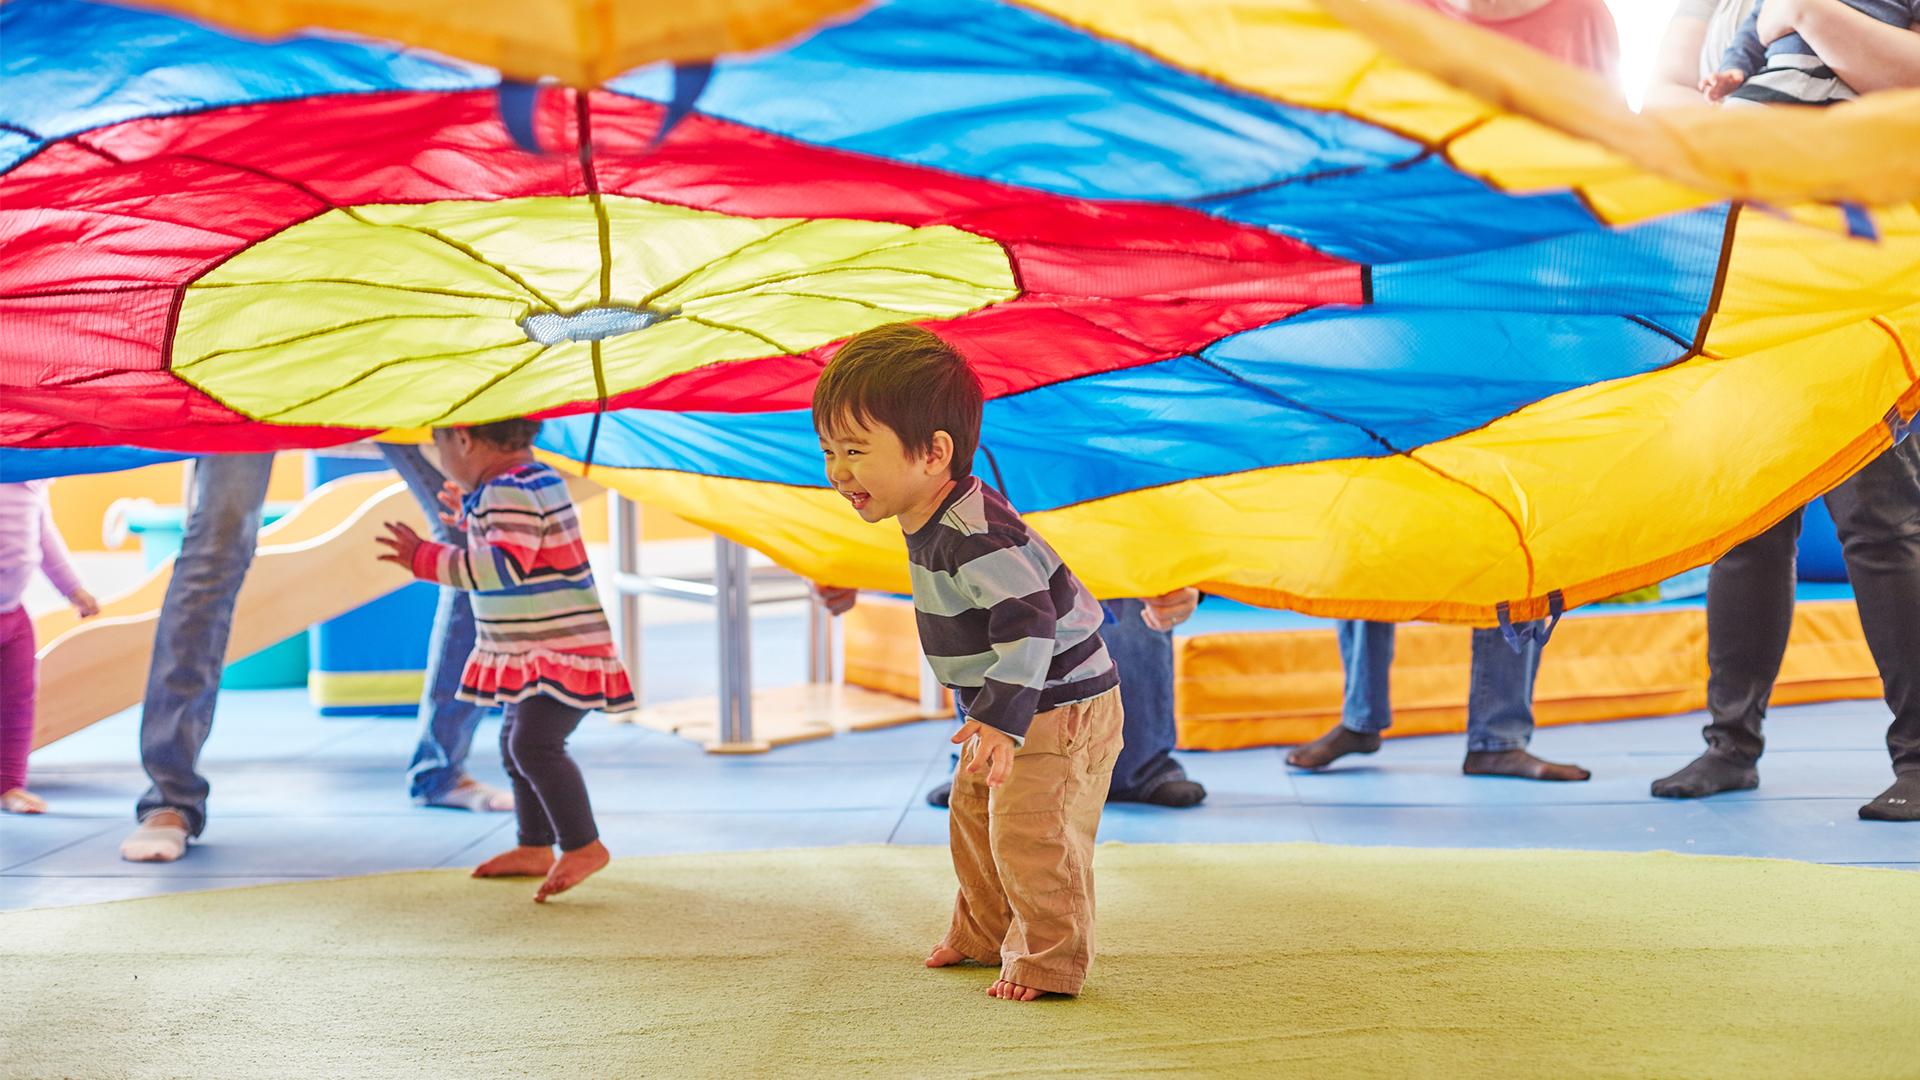 【兒童五感開發】體驗推薦:感官探索之旅,玩出孩子的無限大潛能!